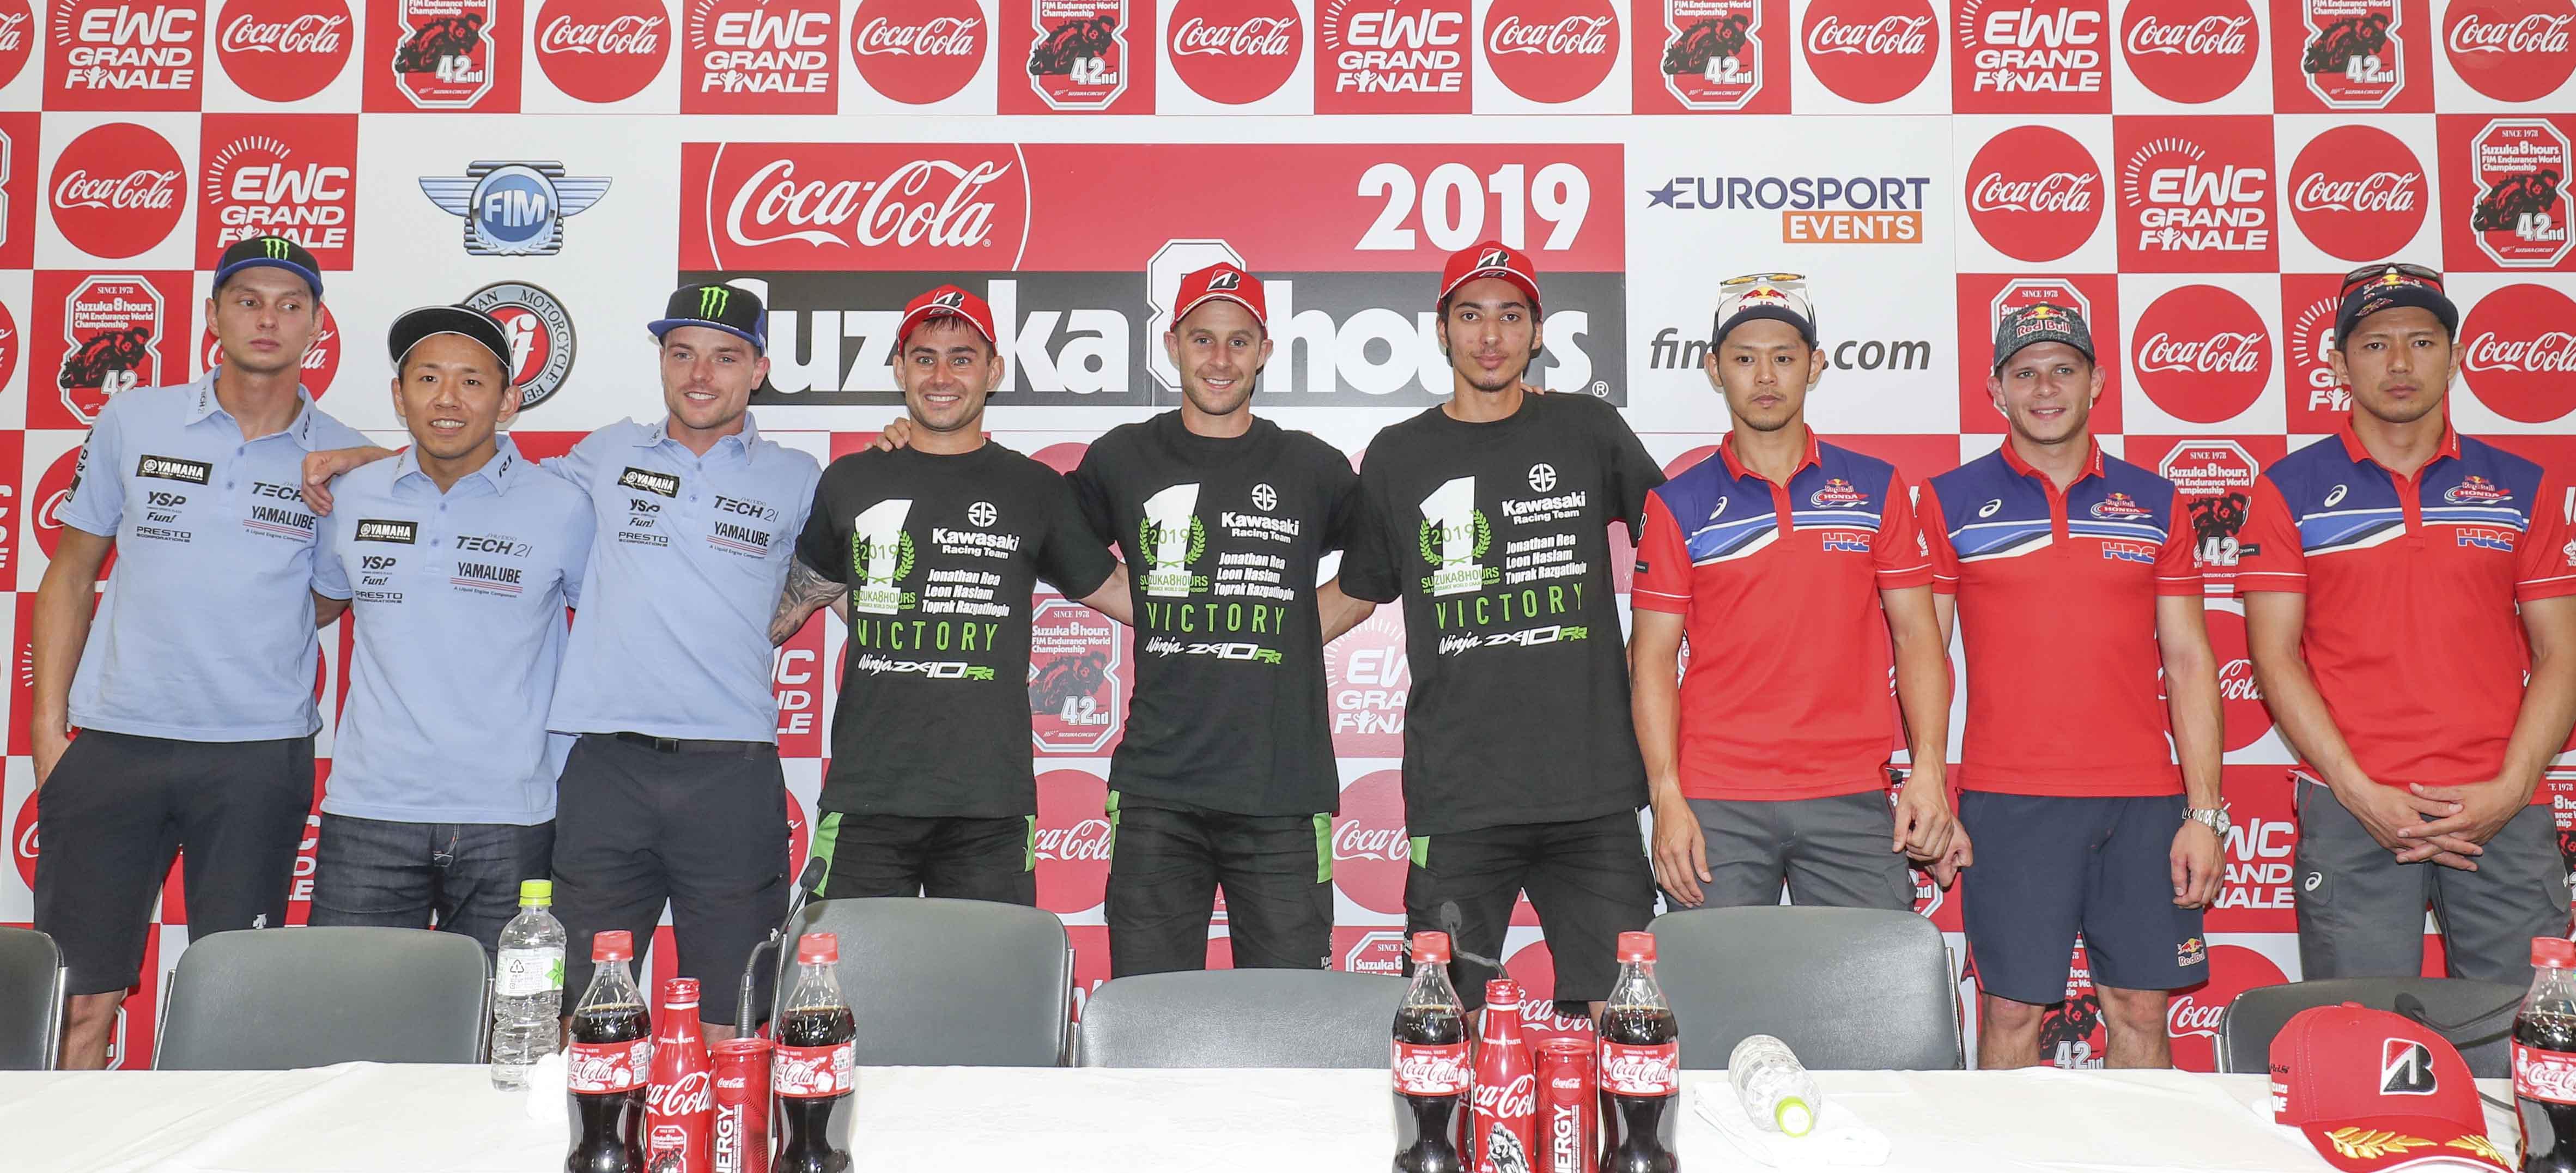 カワサキ・レーシング・チームが鈴鹿優勝 − チーム SRC カワサキ・フランスが初世界タイトル